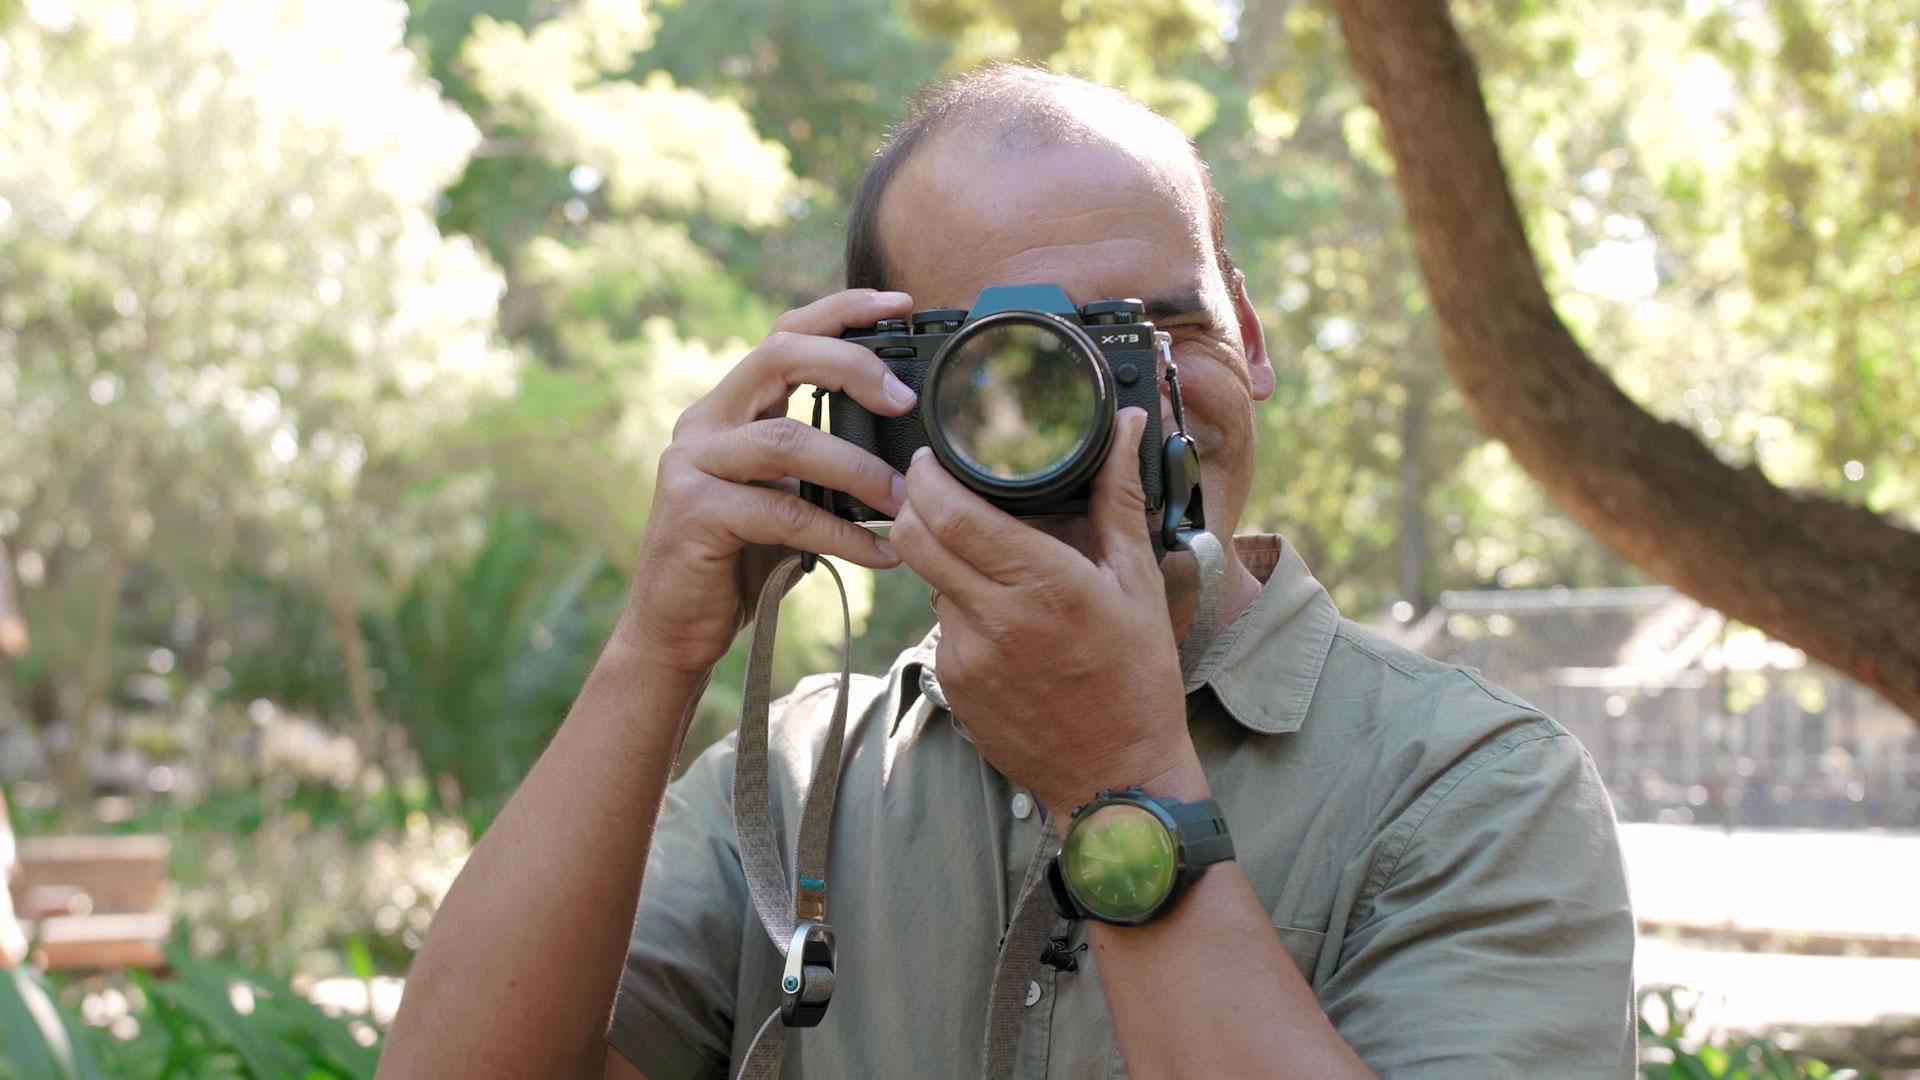 Testámos as câmaras fotográficas com tecnologia mirrorless